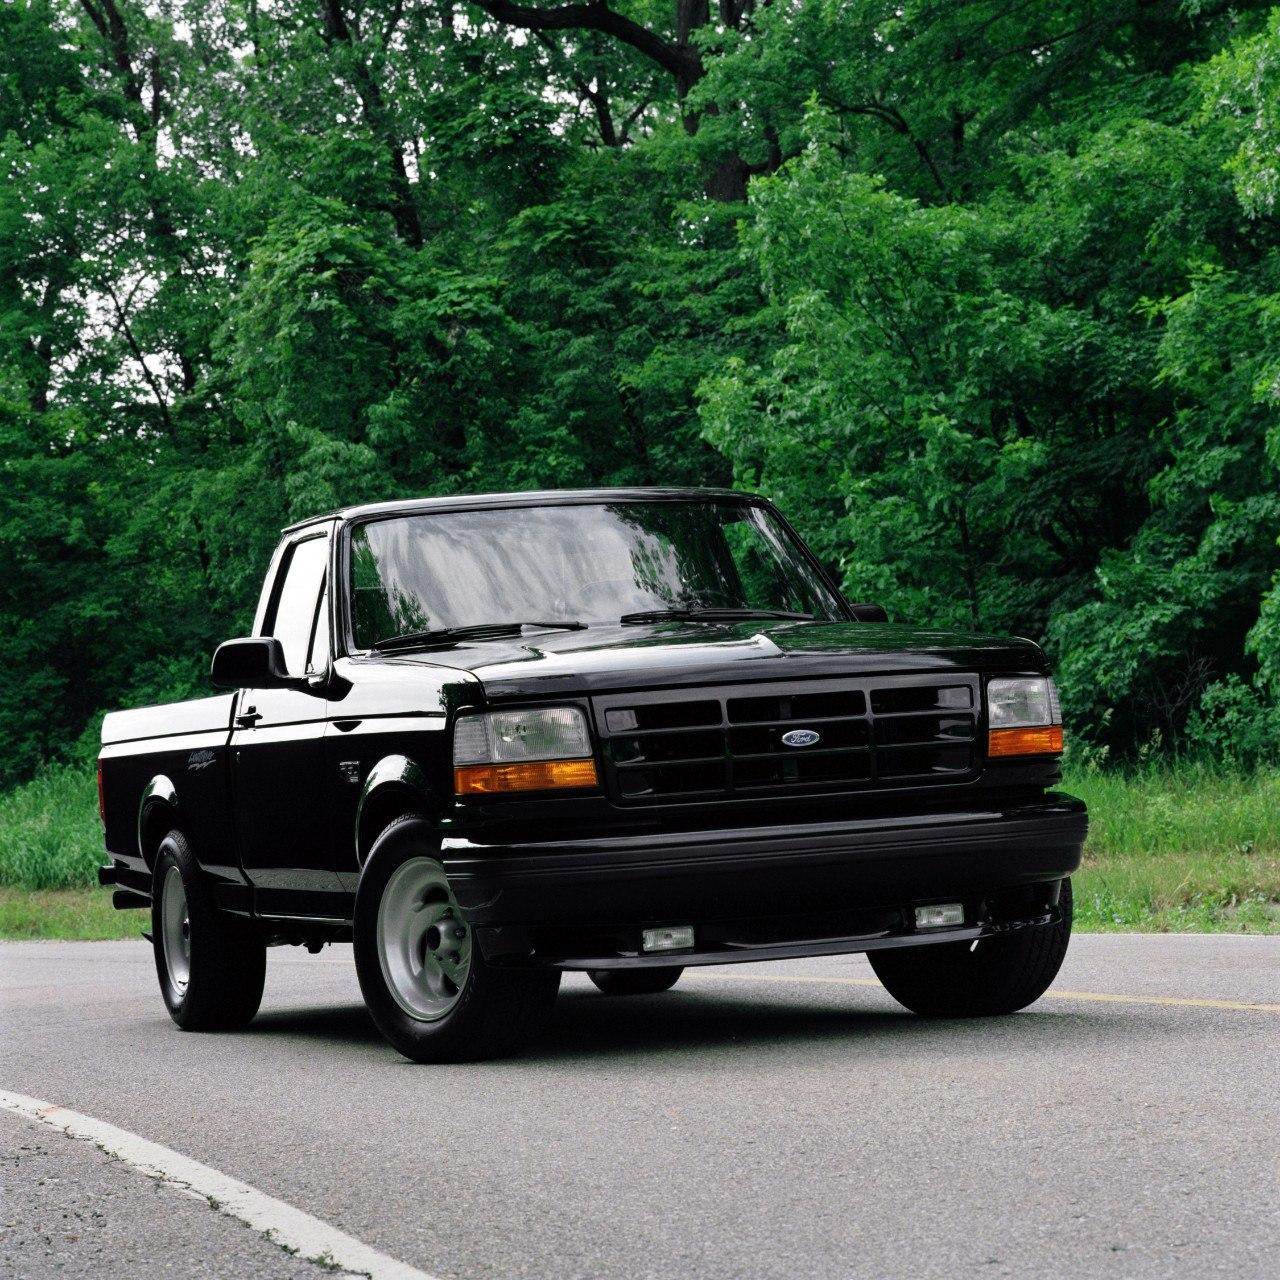 1993 Ford F-150 Lightning